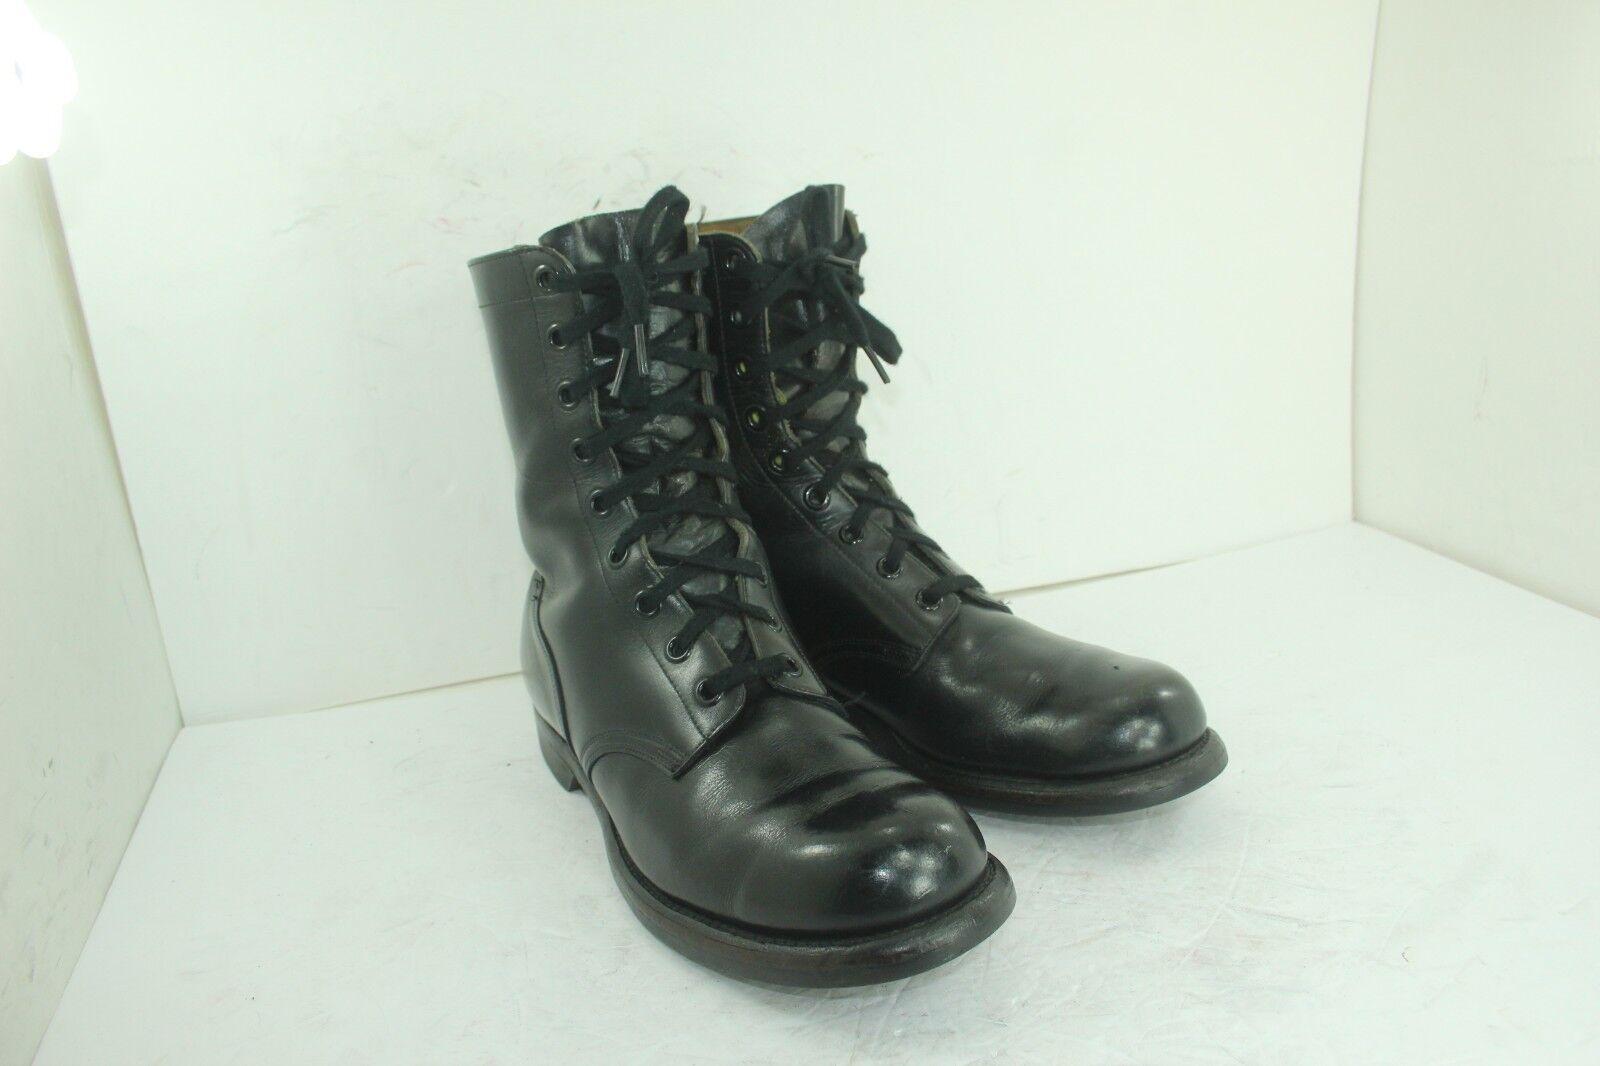 Zapatos botas militares Internacional Co. R Negro Hecho en EE. UU.